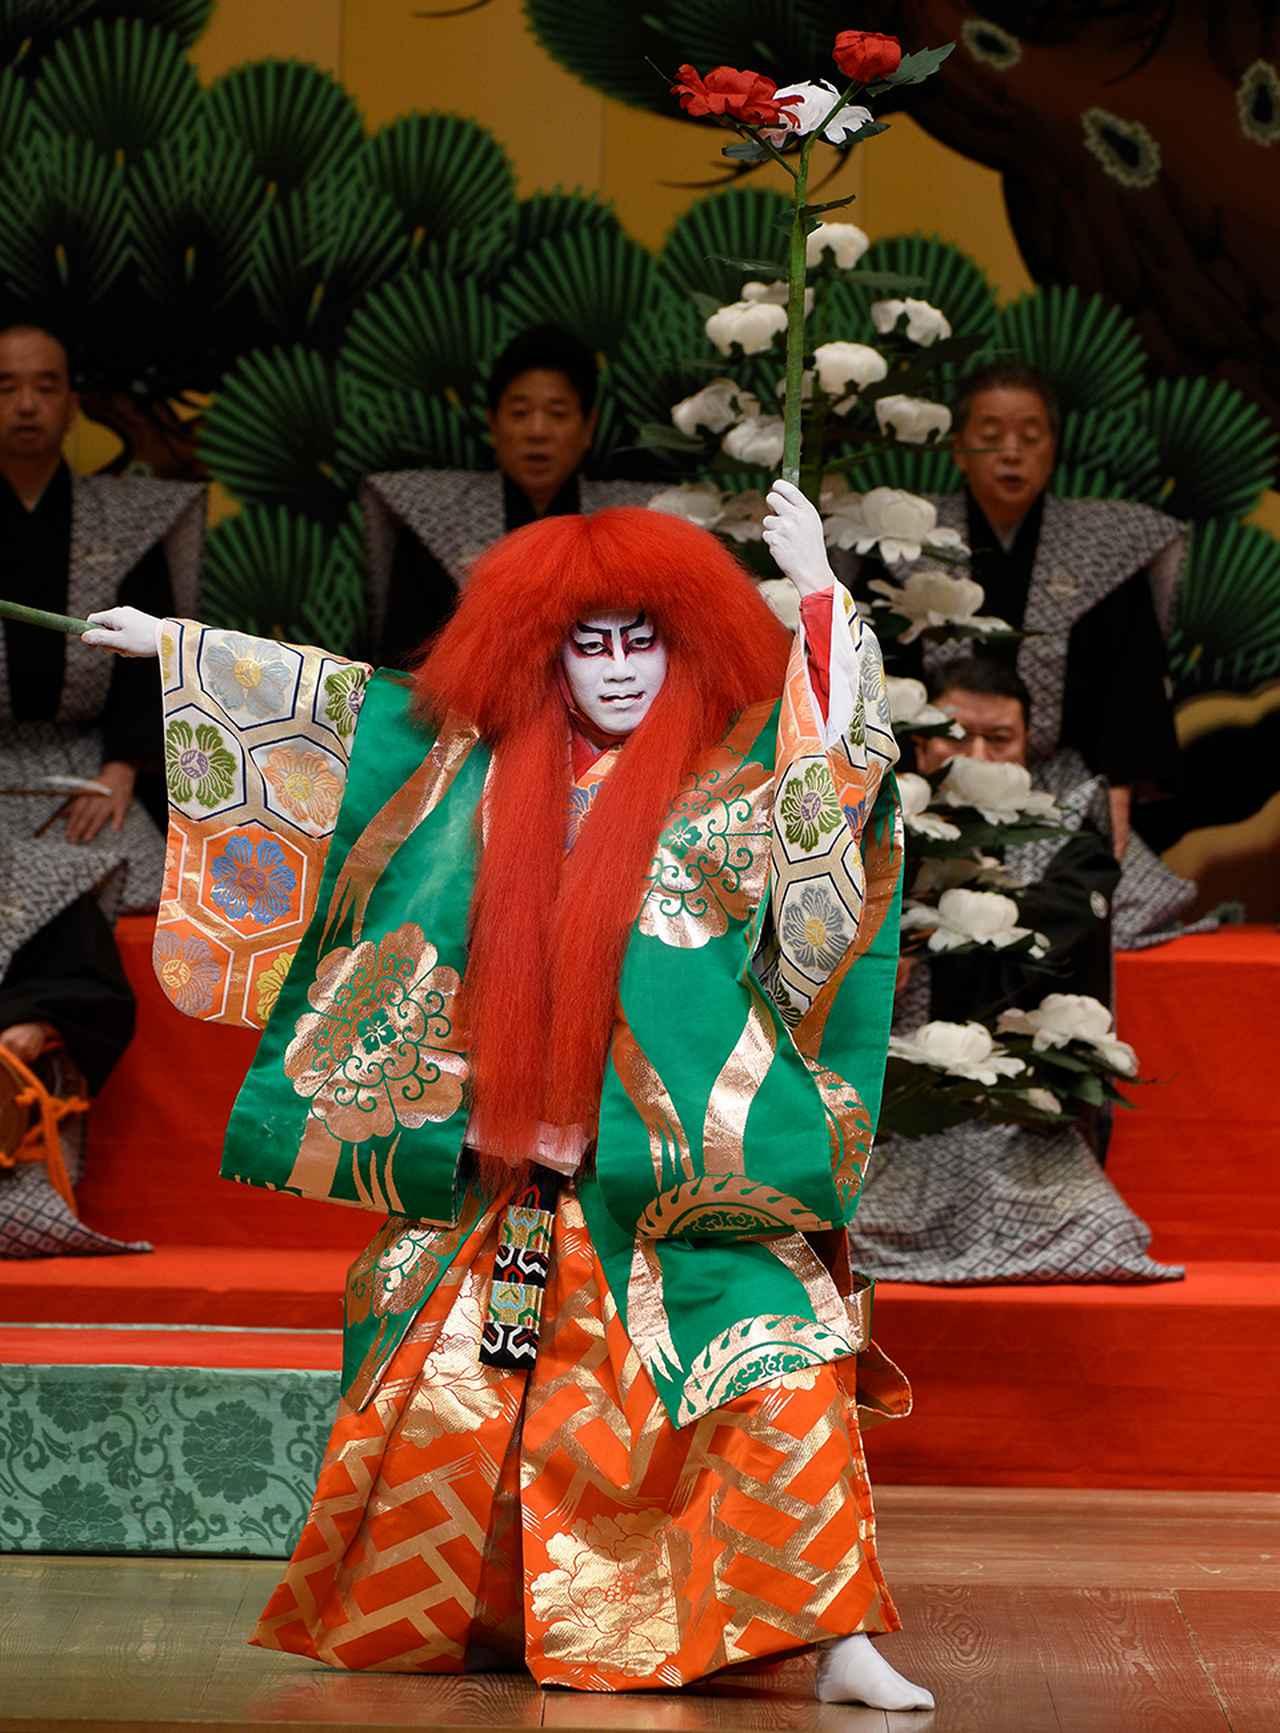 Images : 5番目の画像 - 「「歌舞伎への扉」Vol.11 オンラインならではの表現を ーー「ART歌舞伎」にかける 中村壱太郎の熱量」のアルバム - T JAPAN:The New York Times Style Magazine 公式サイト